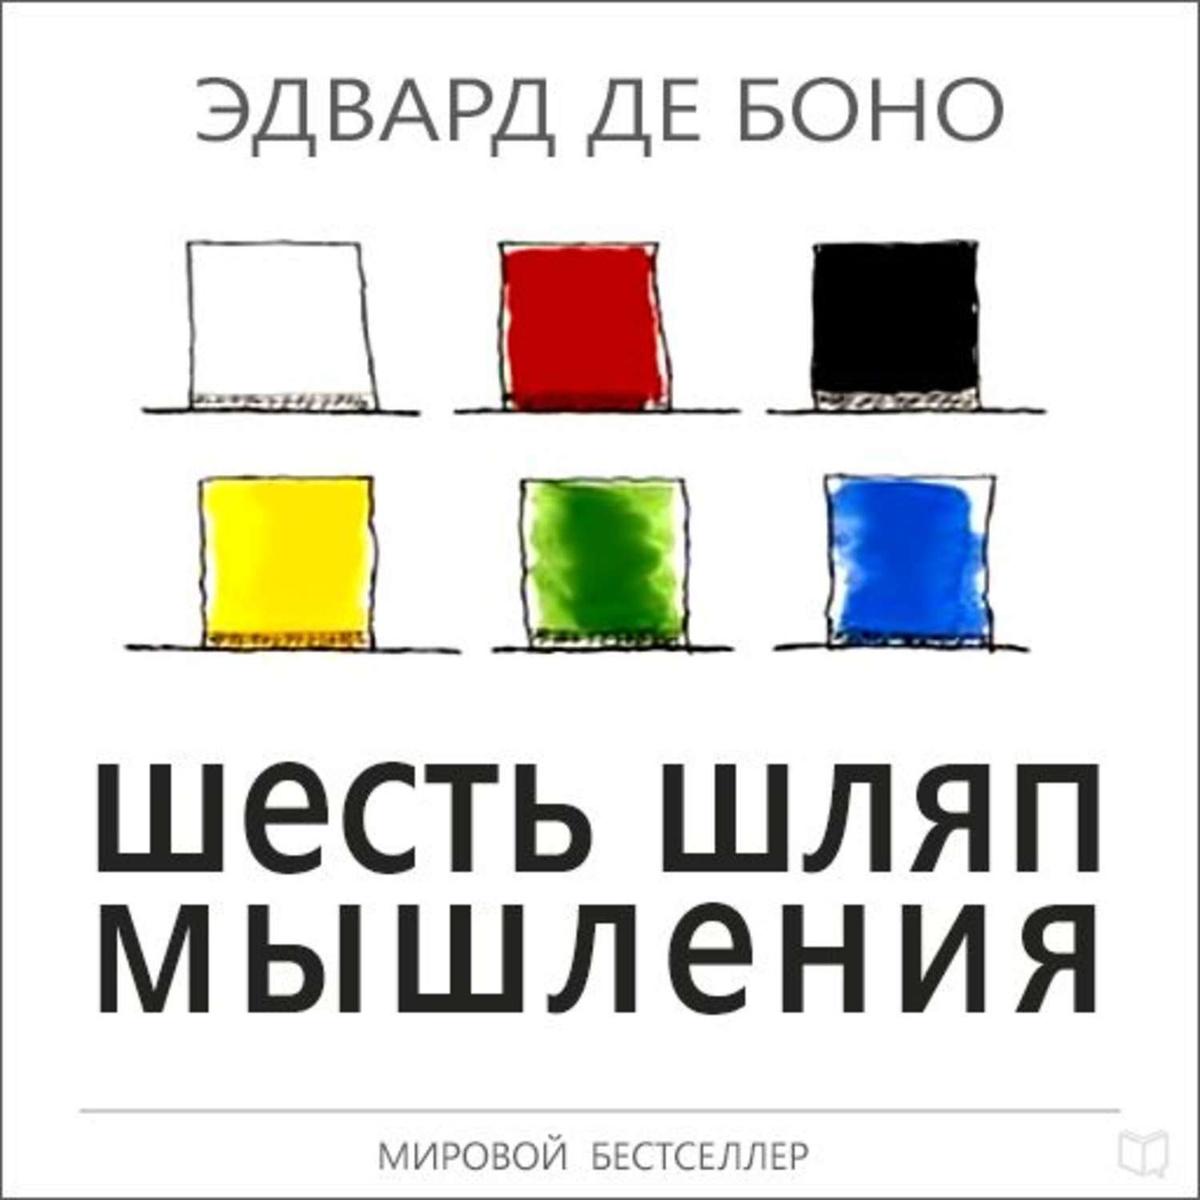 Шесть шляп мышления | Боно Эдвард де #1